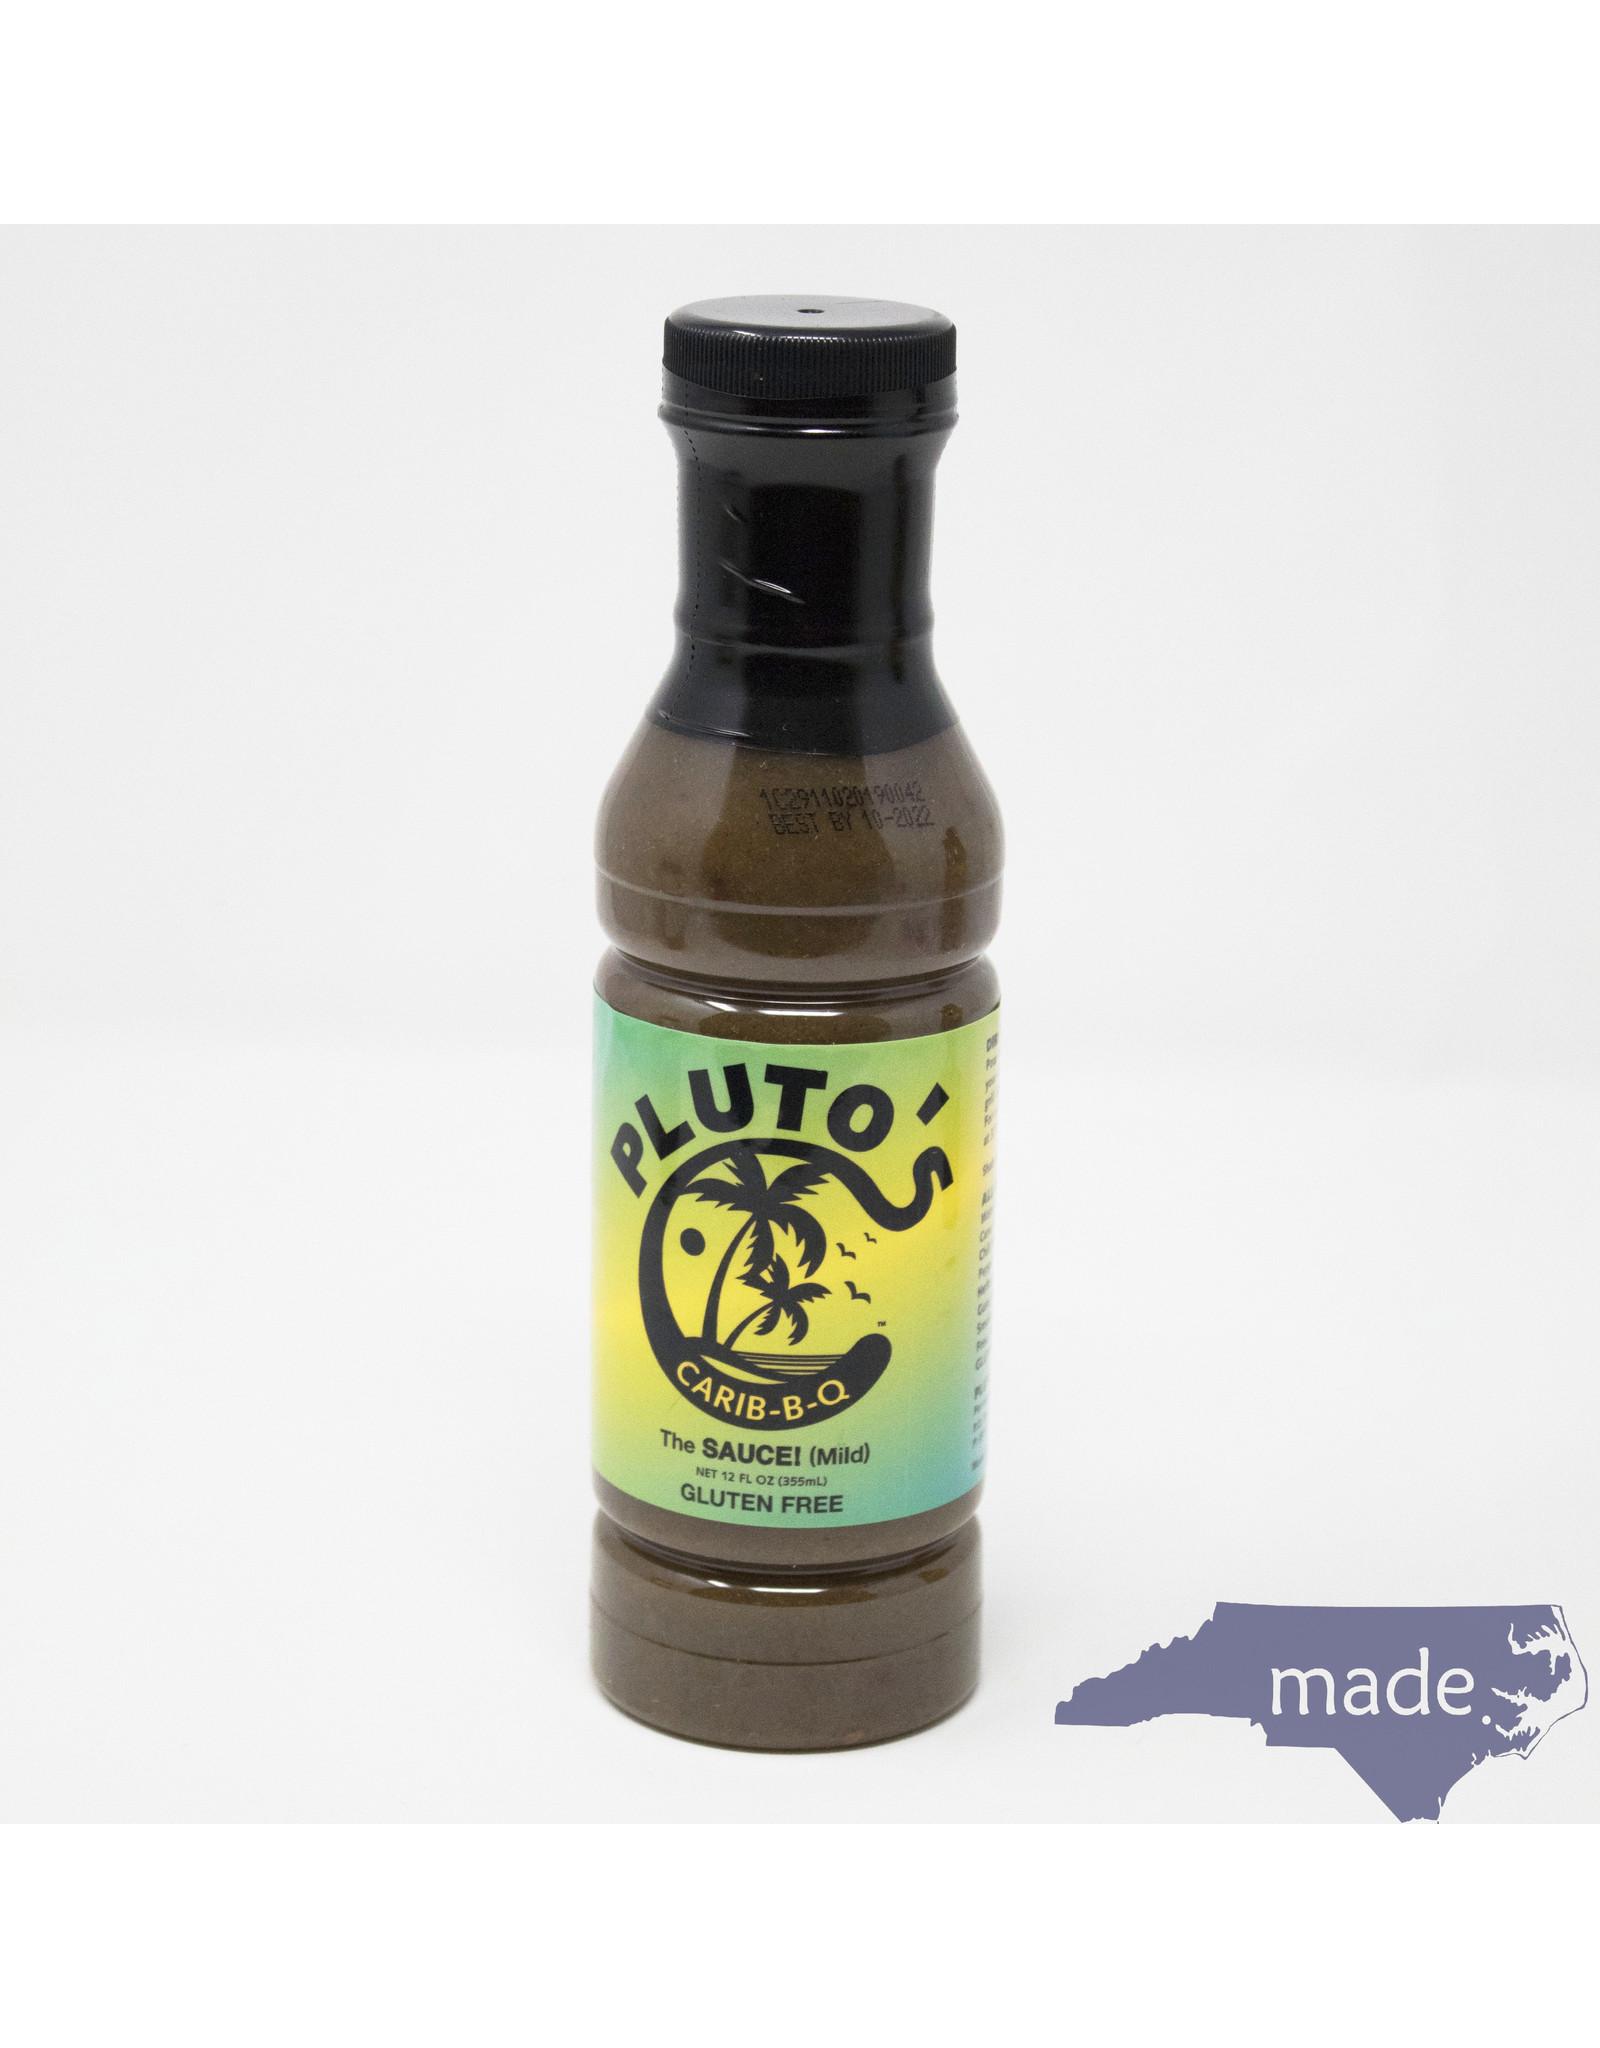 Pluto's Carib-B-Q Mild Sauce 12 oz. - Pluto's